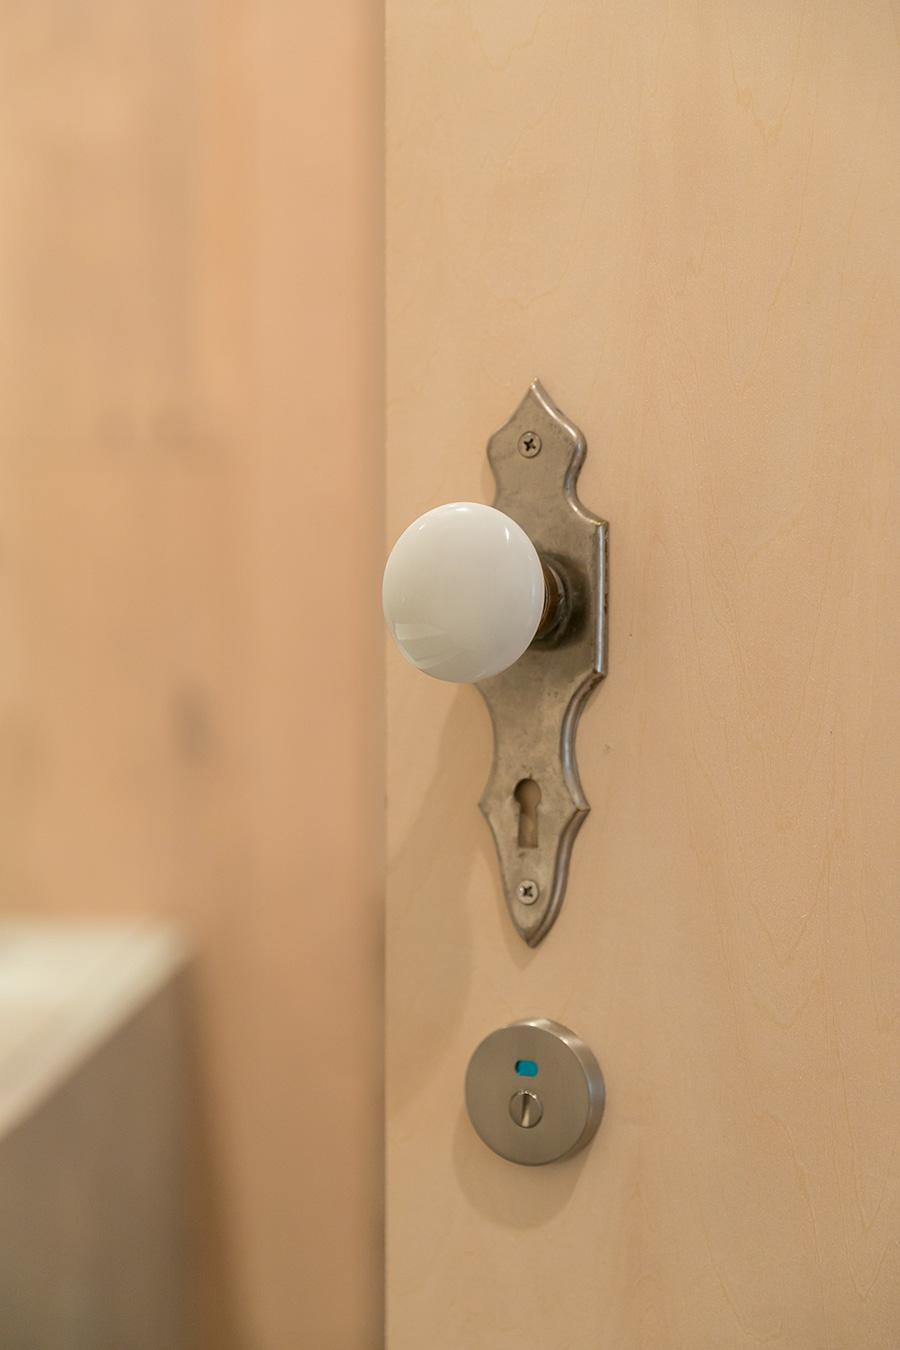 アンティークのドアノブは各部屋でそれぞれ違うものをセレクト。白の陶器製のドアノブはトイレのドアに。